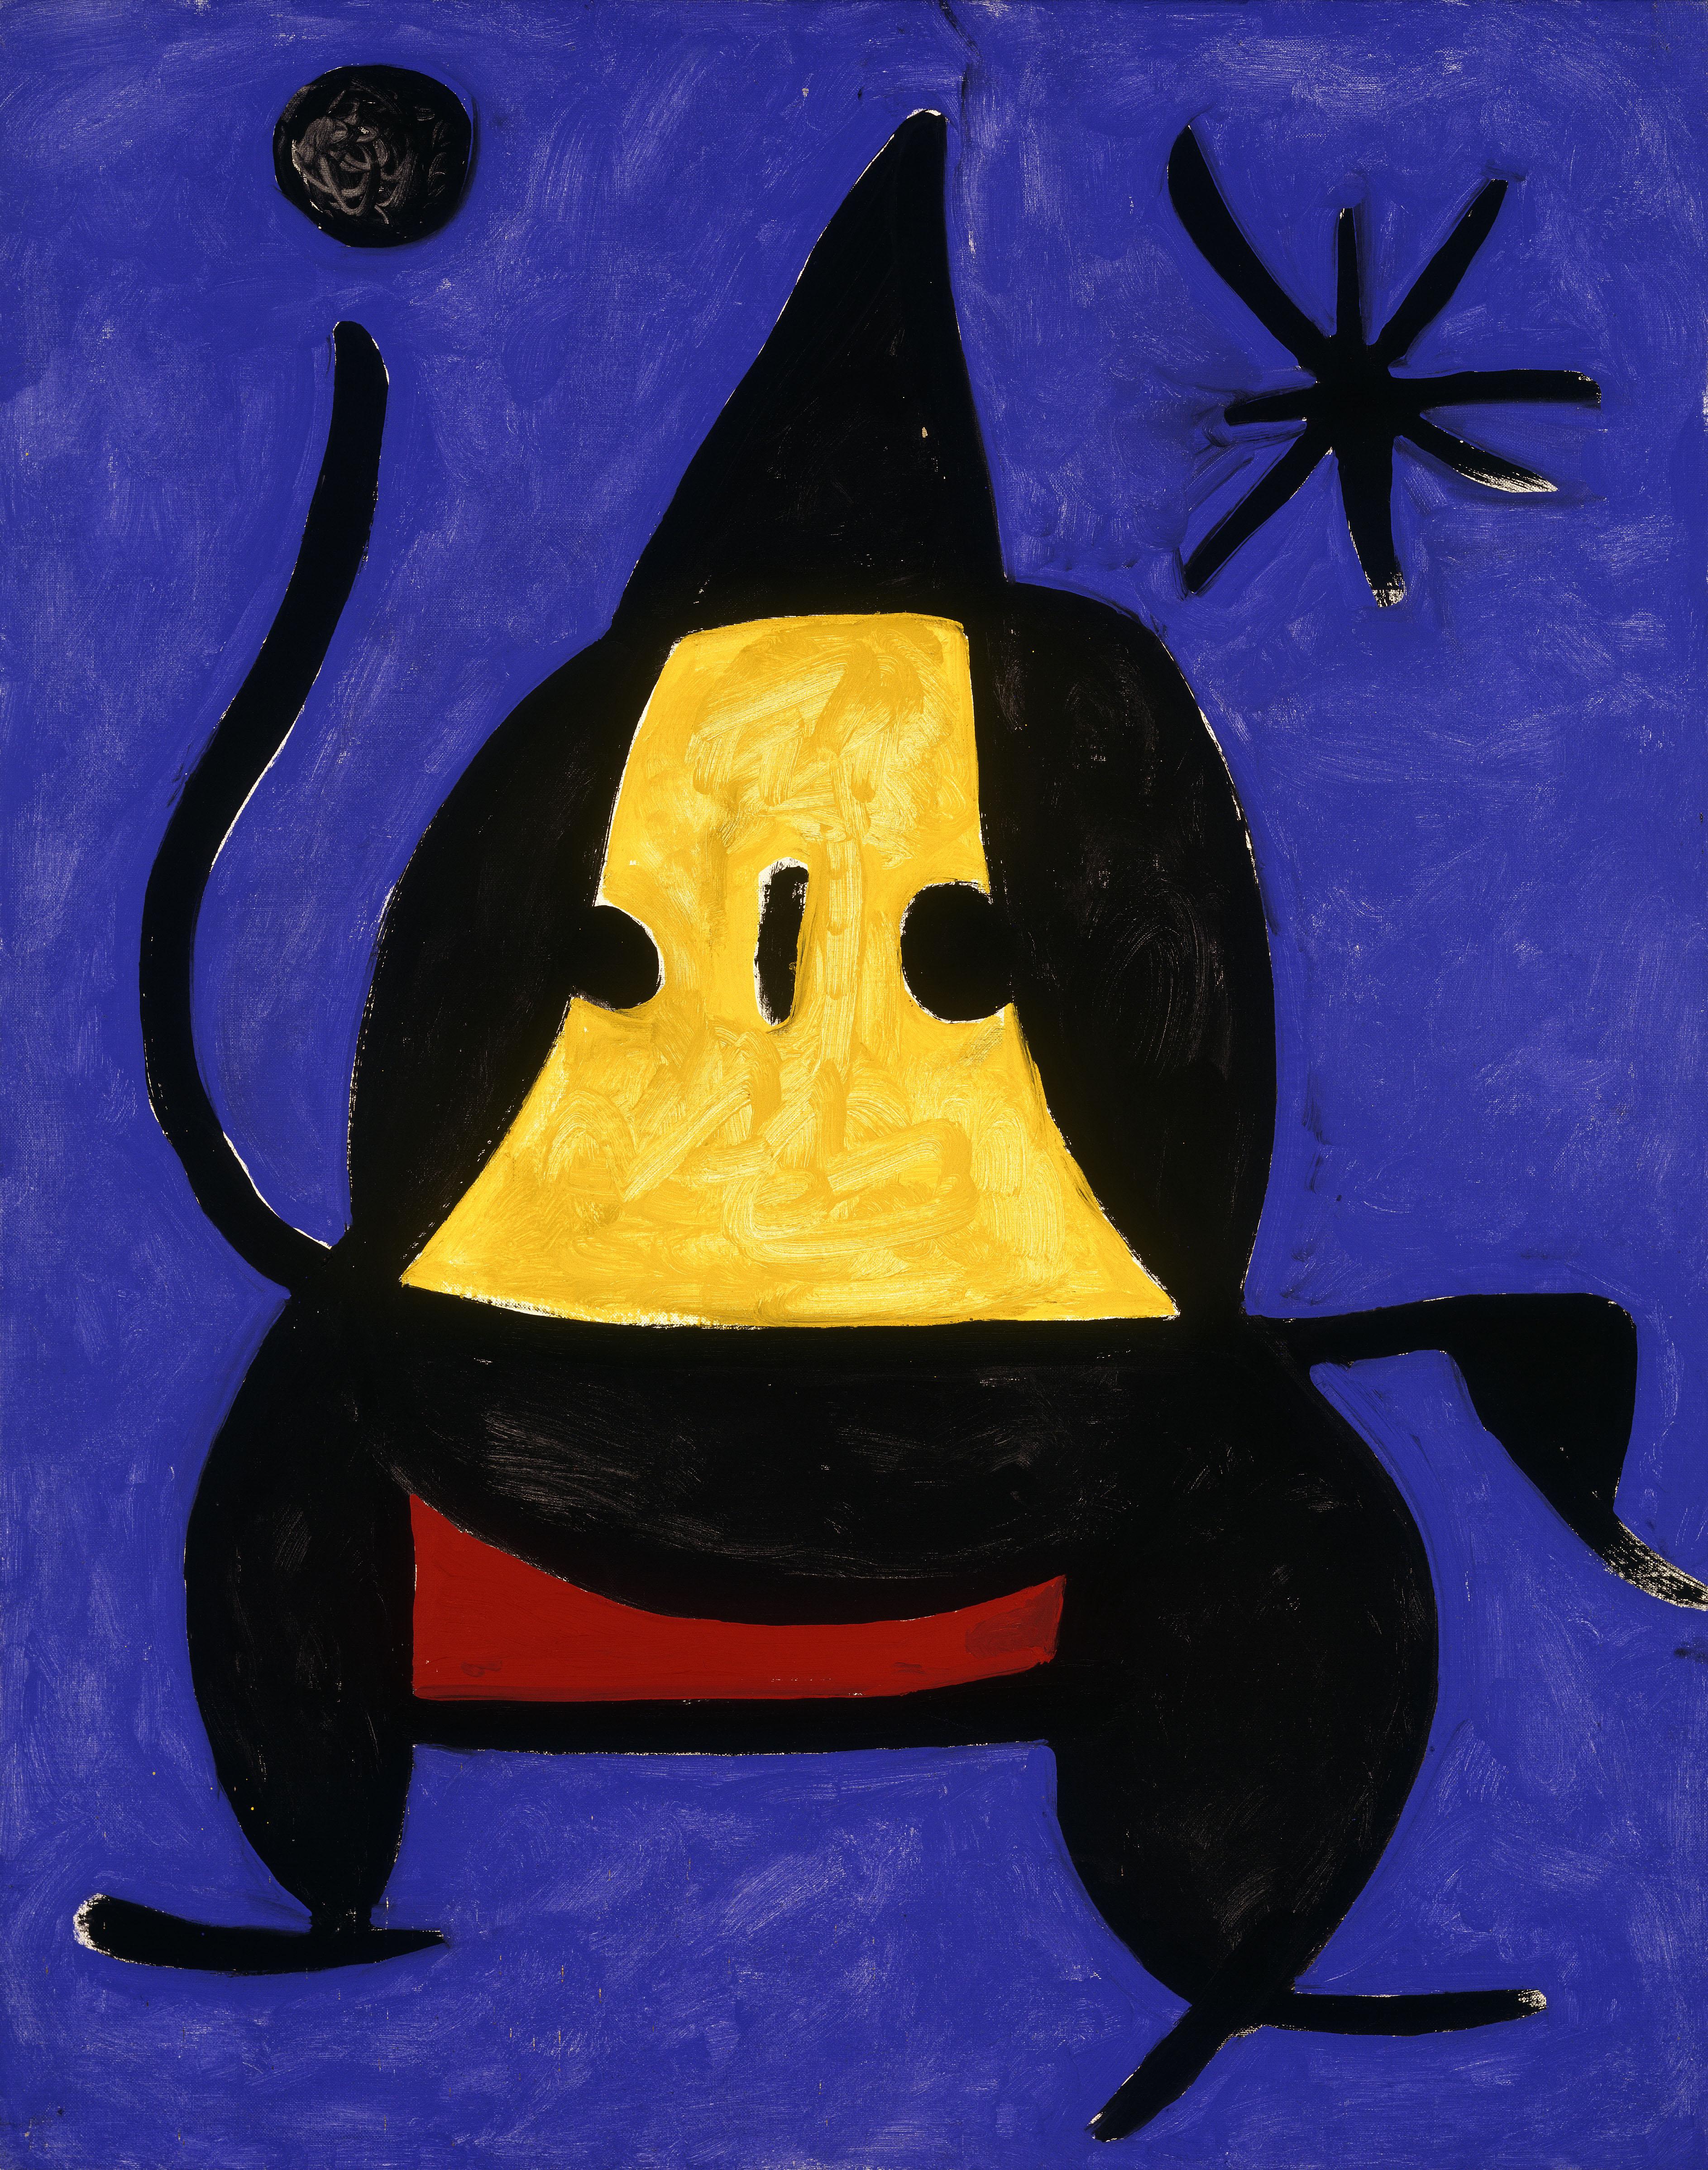 Miró, Sans titre (1978)